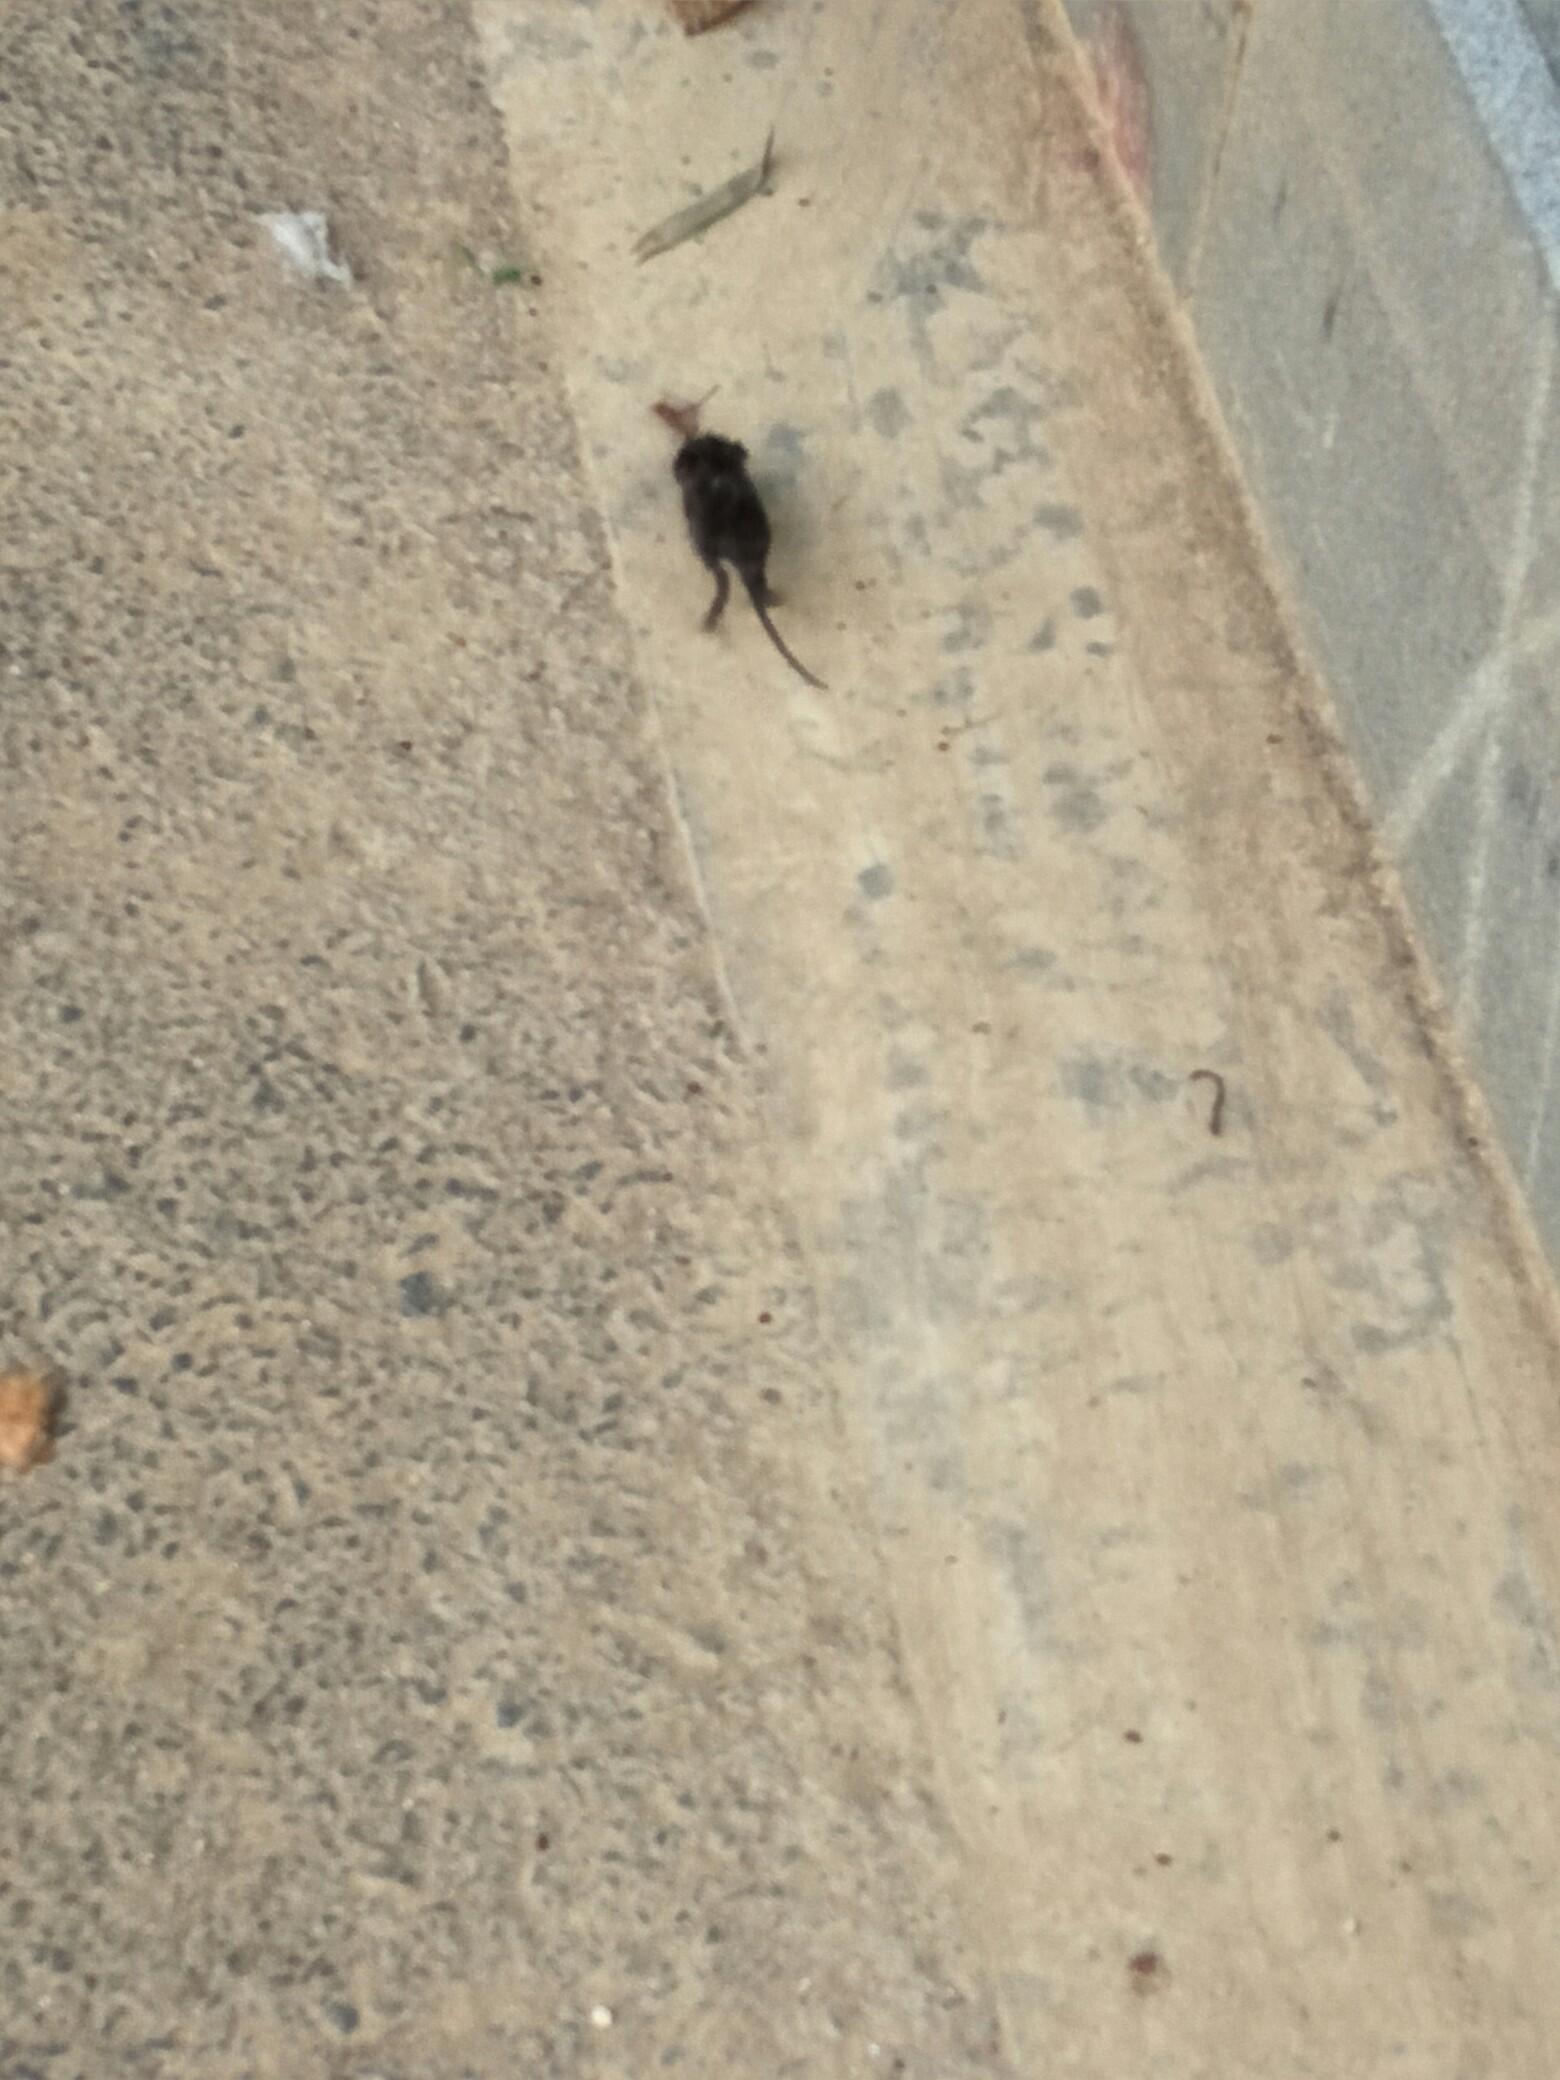 刚出生的小老鼠,第一次见,好可爱.